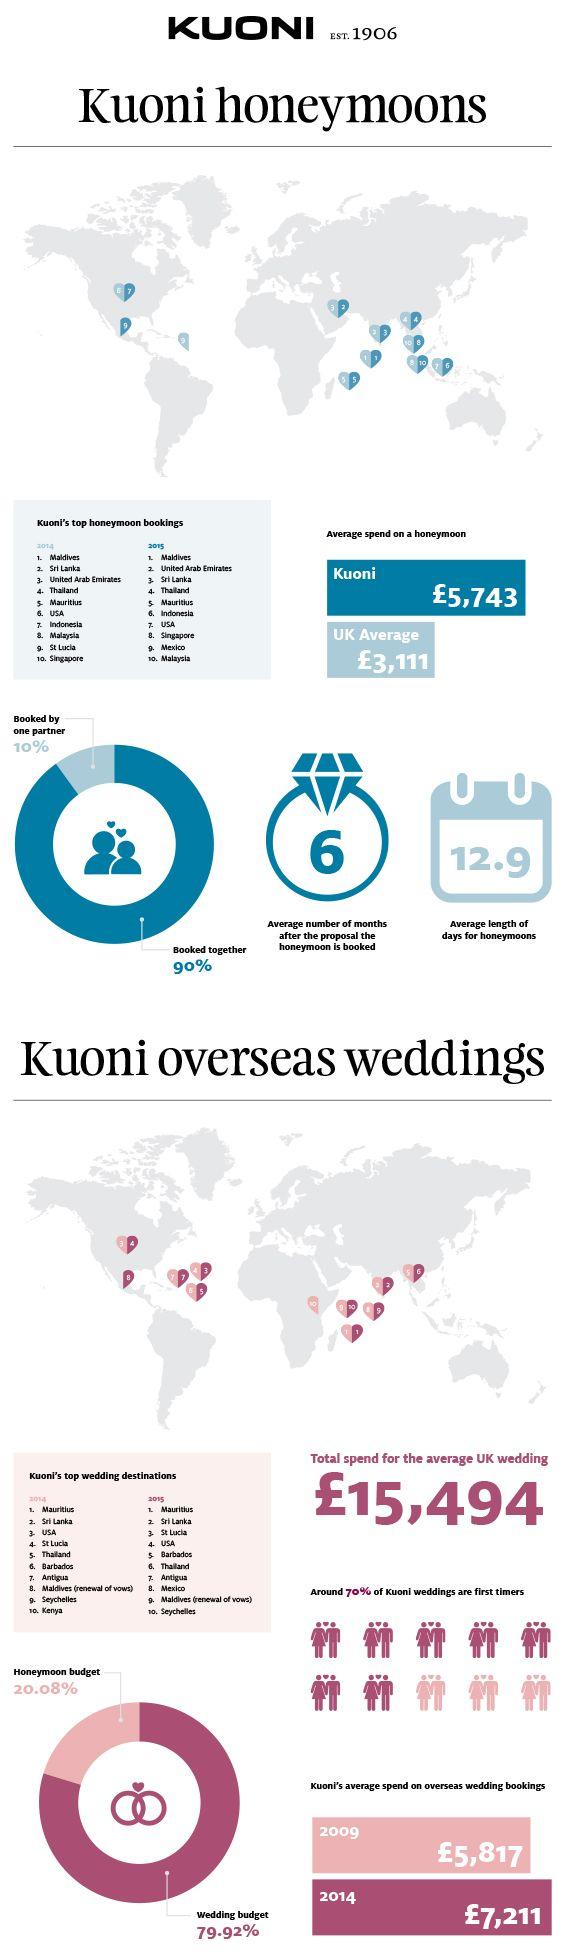 Weddings overseas benefit from George Clooney effect - Ultimate Wedding Magazine @kuonitraveluk #honeymoon #travel #wedding